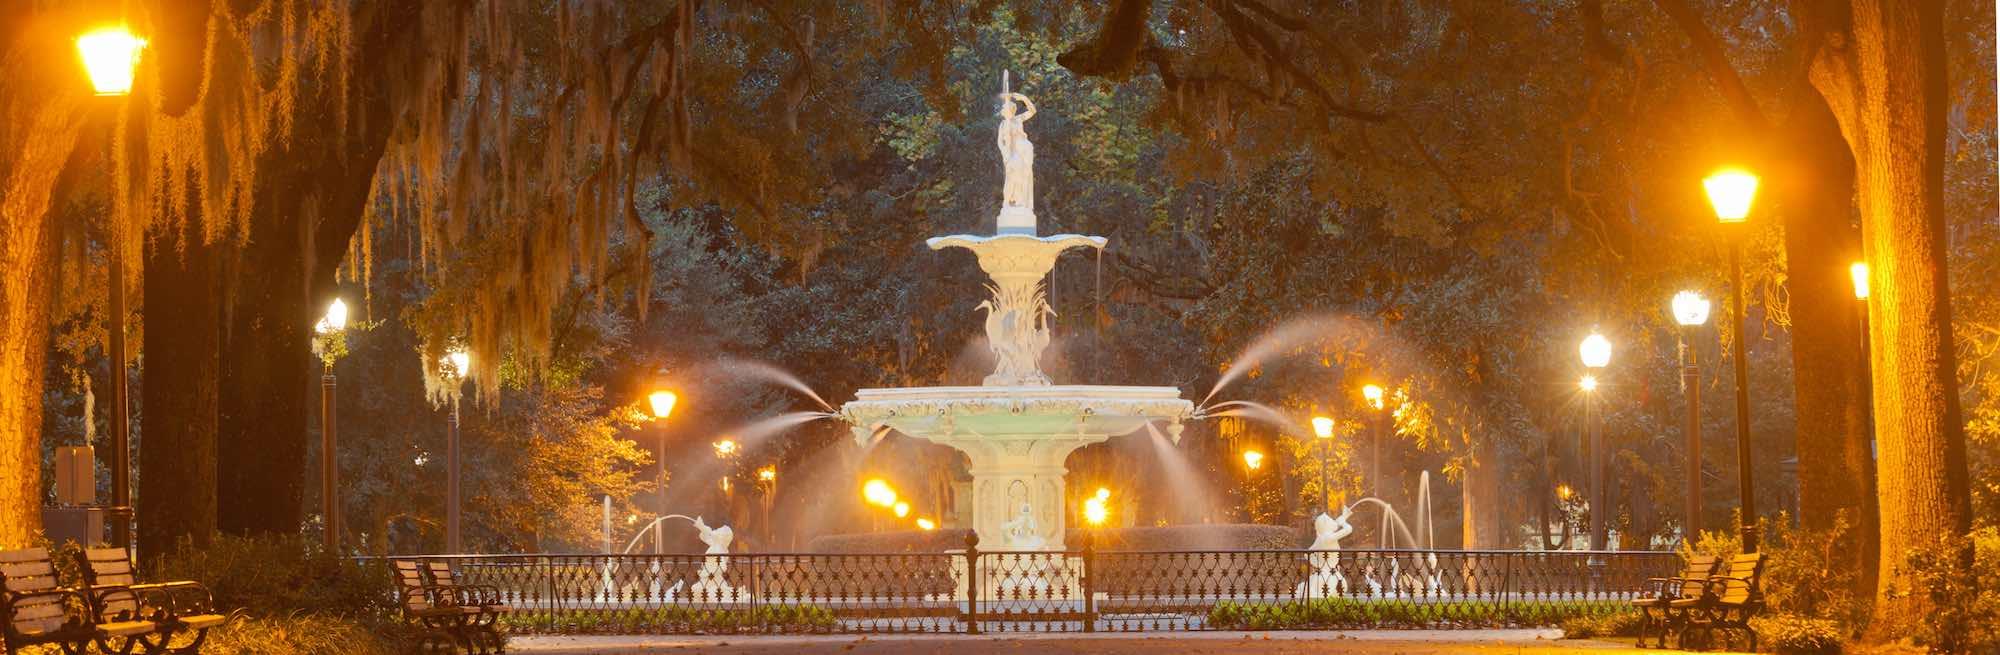 Forsyth Park Fountain Savannah Ga And Its History